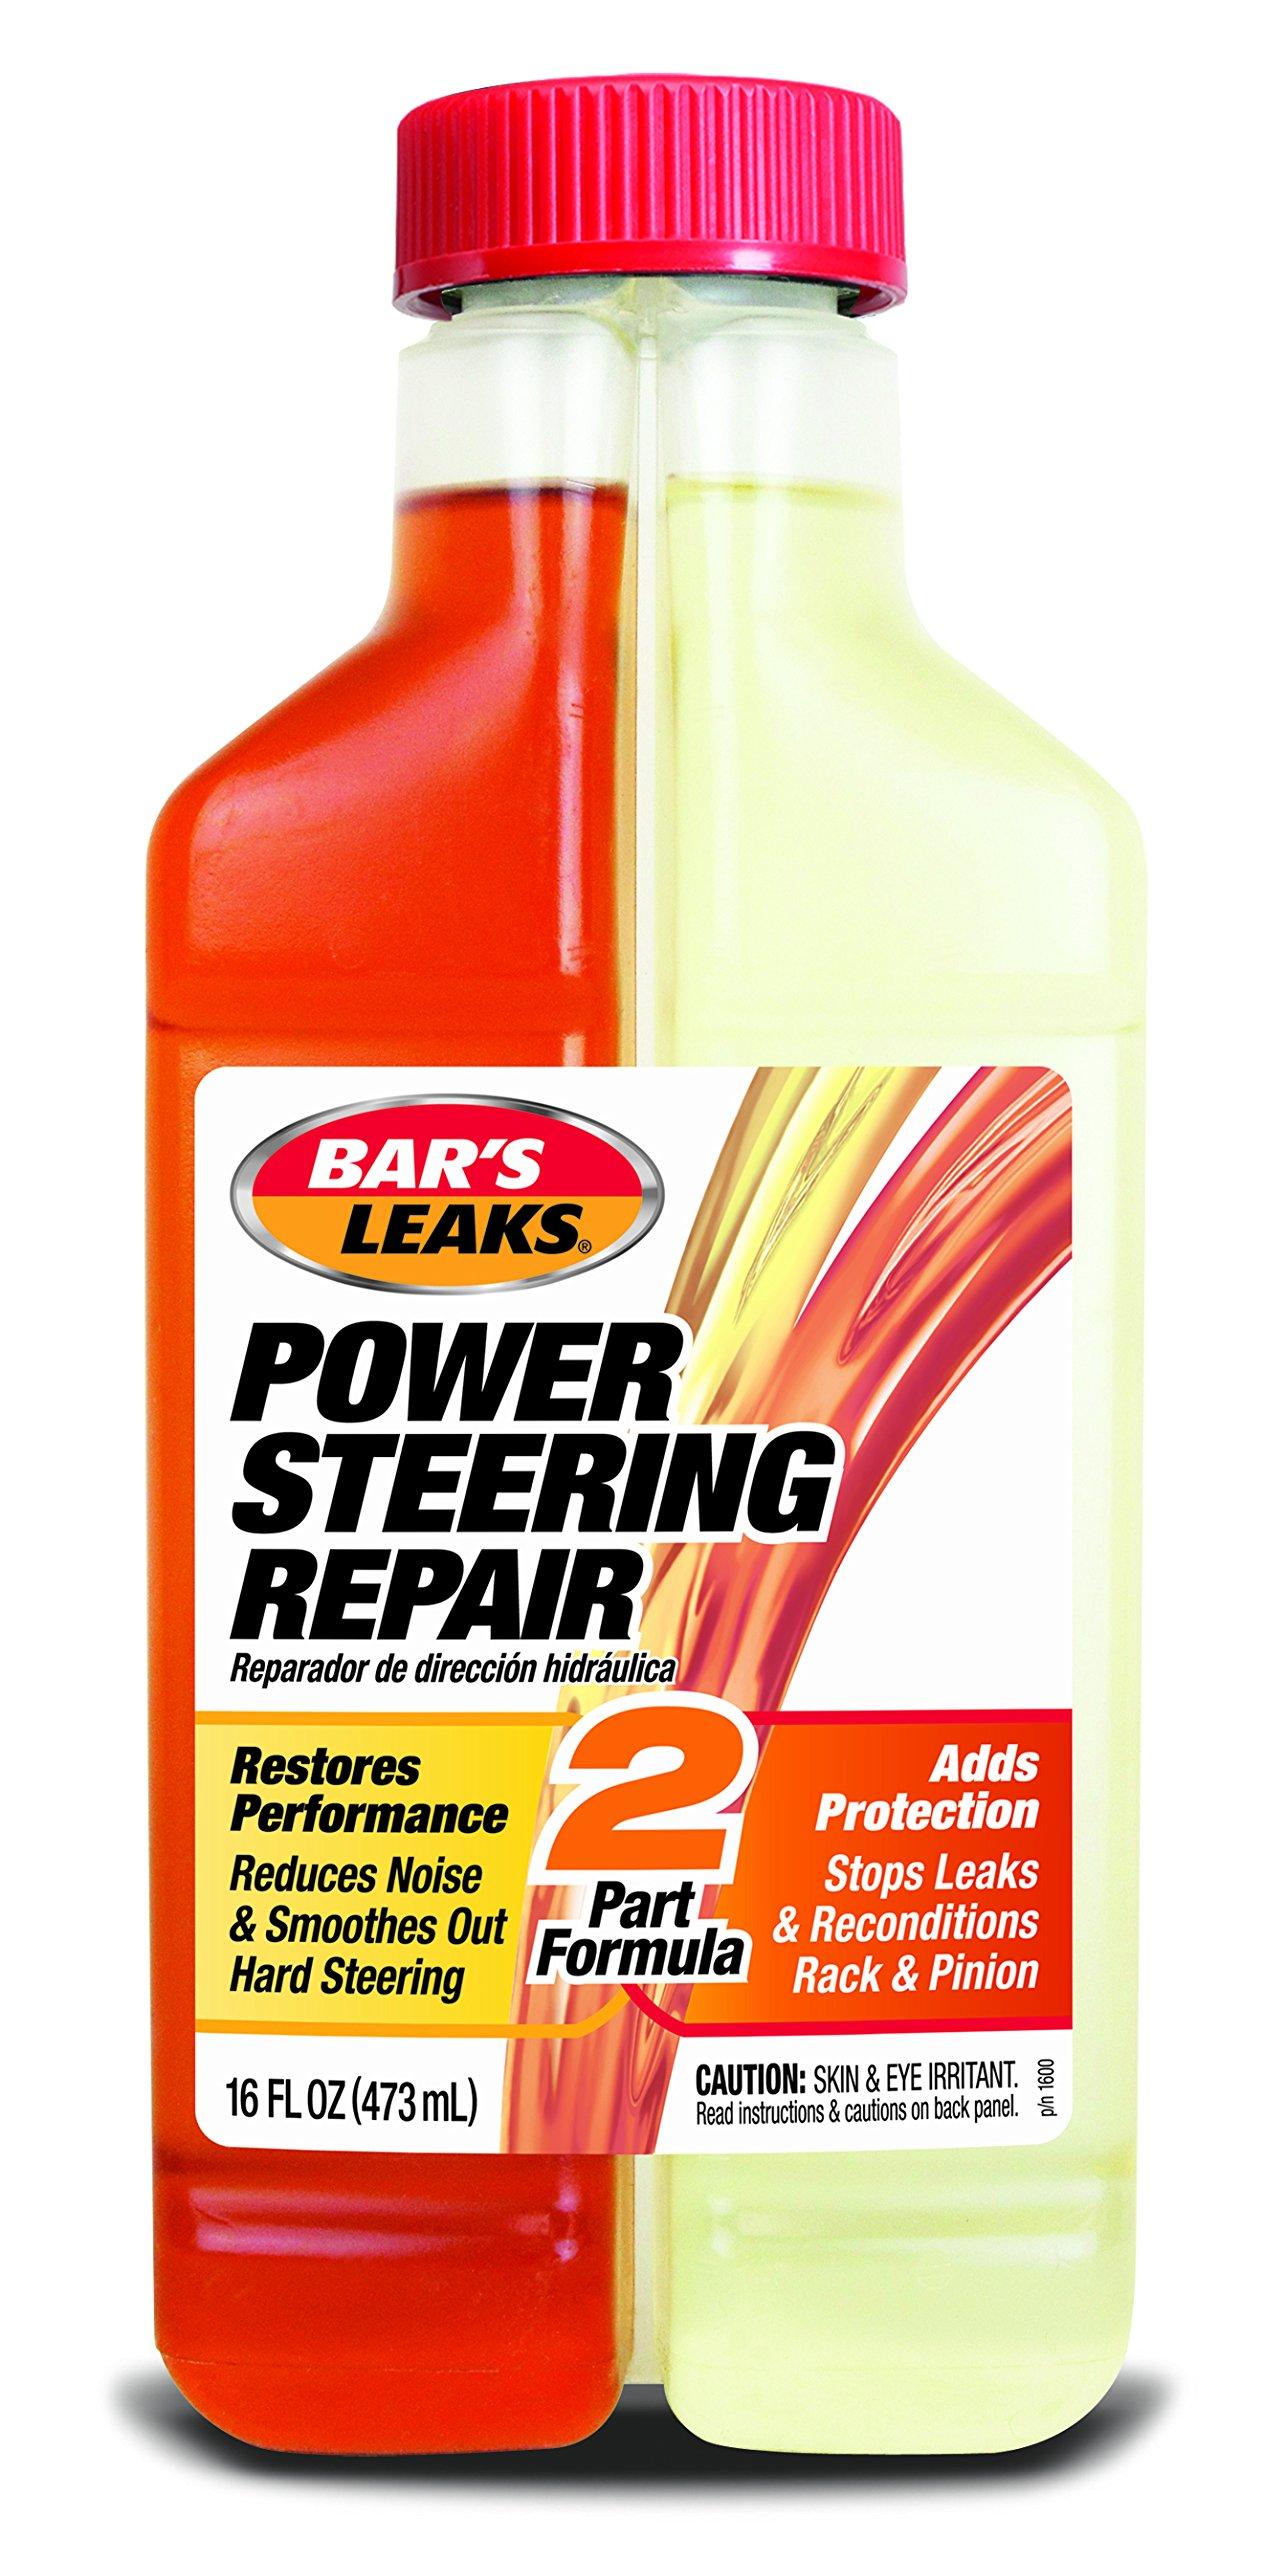 Bar's Leaks 1600-4PK Power Steering Repair - 16 oz., (Pack of 4)